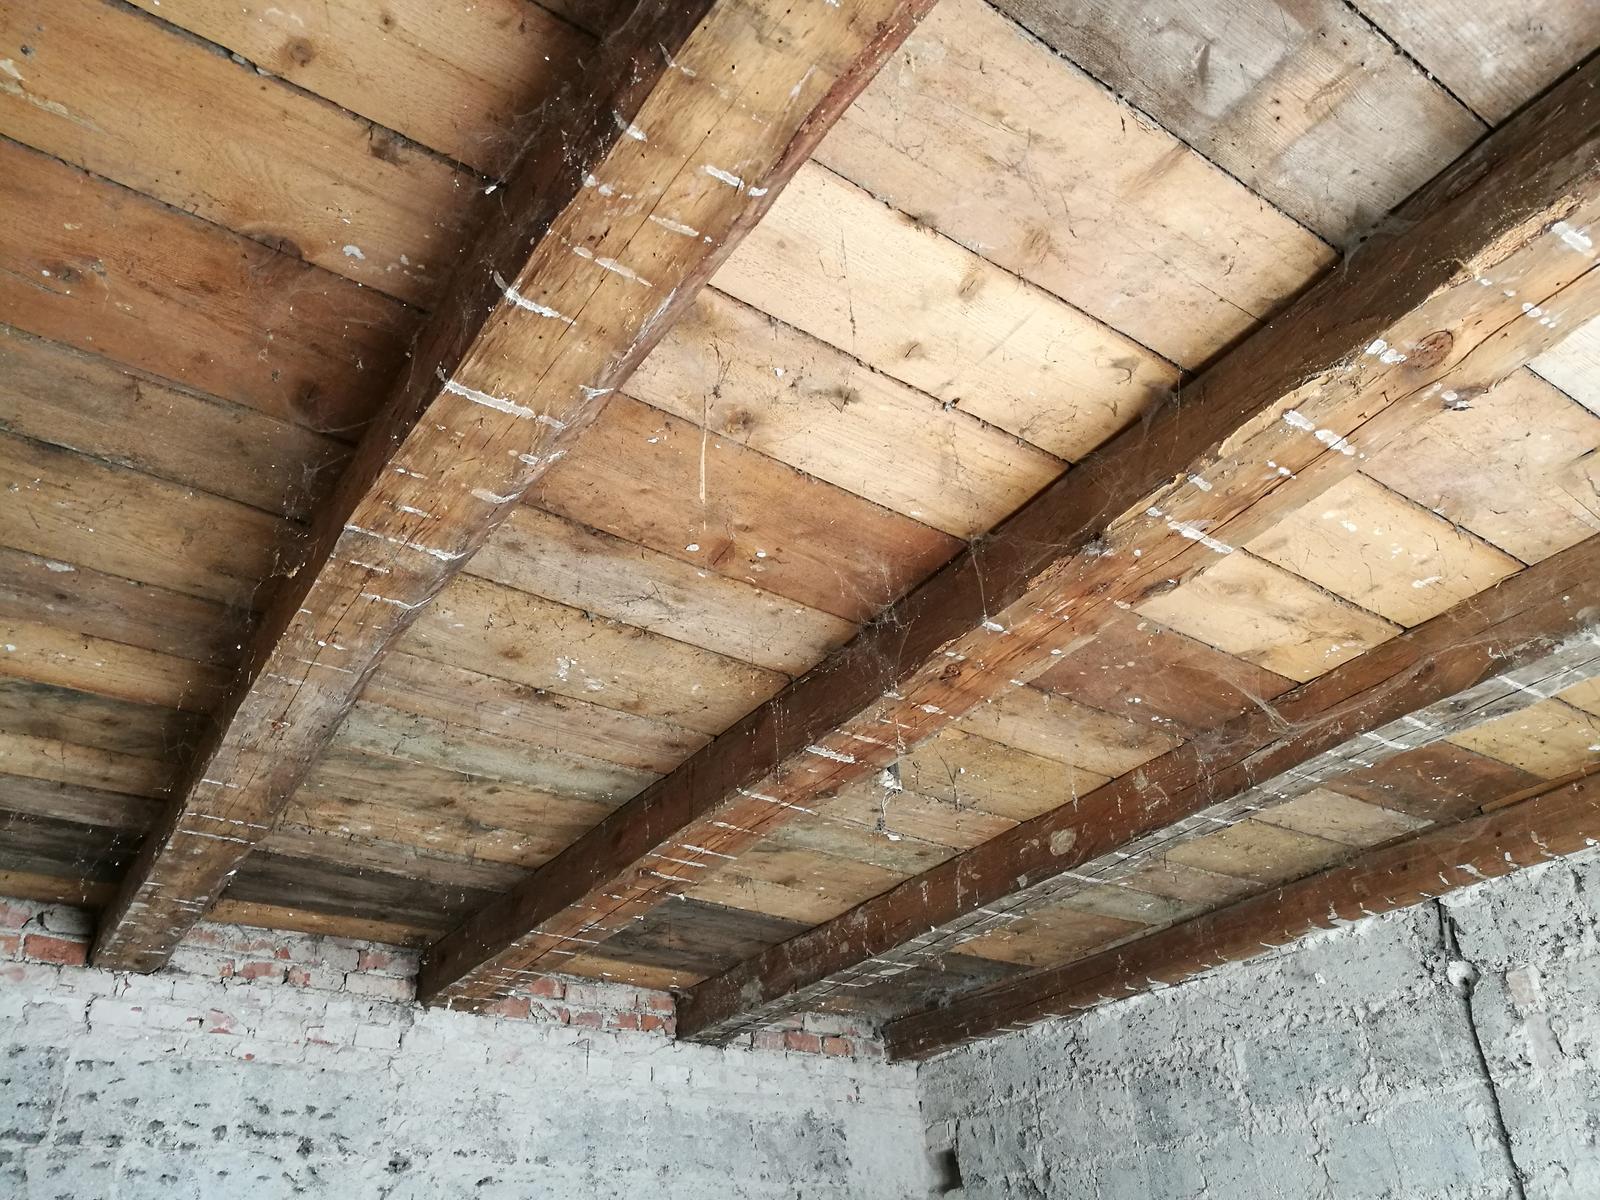 Náš budúci domov - rekonštrukcia rodinného domu - Trámy v dobrom stave, ešte použijeme